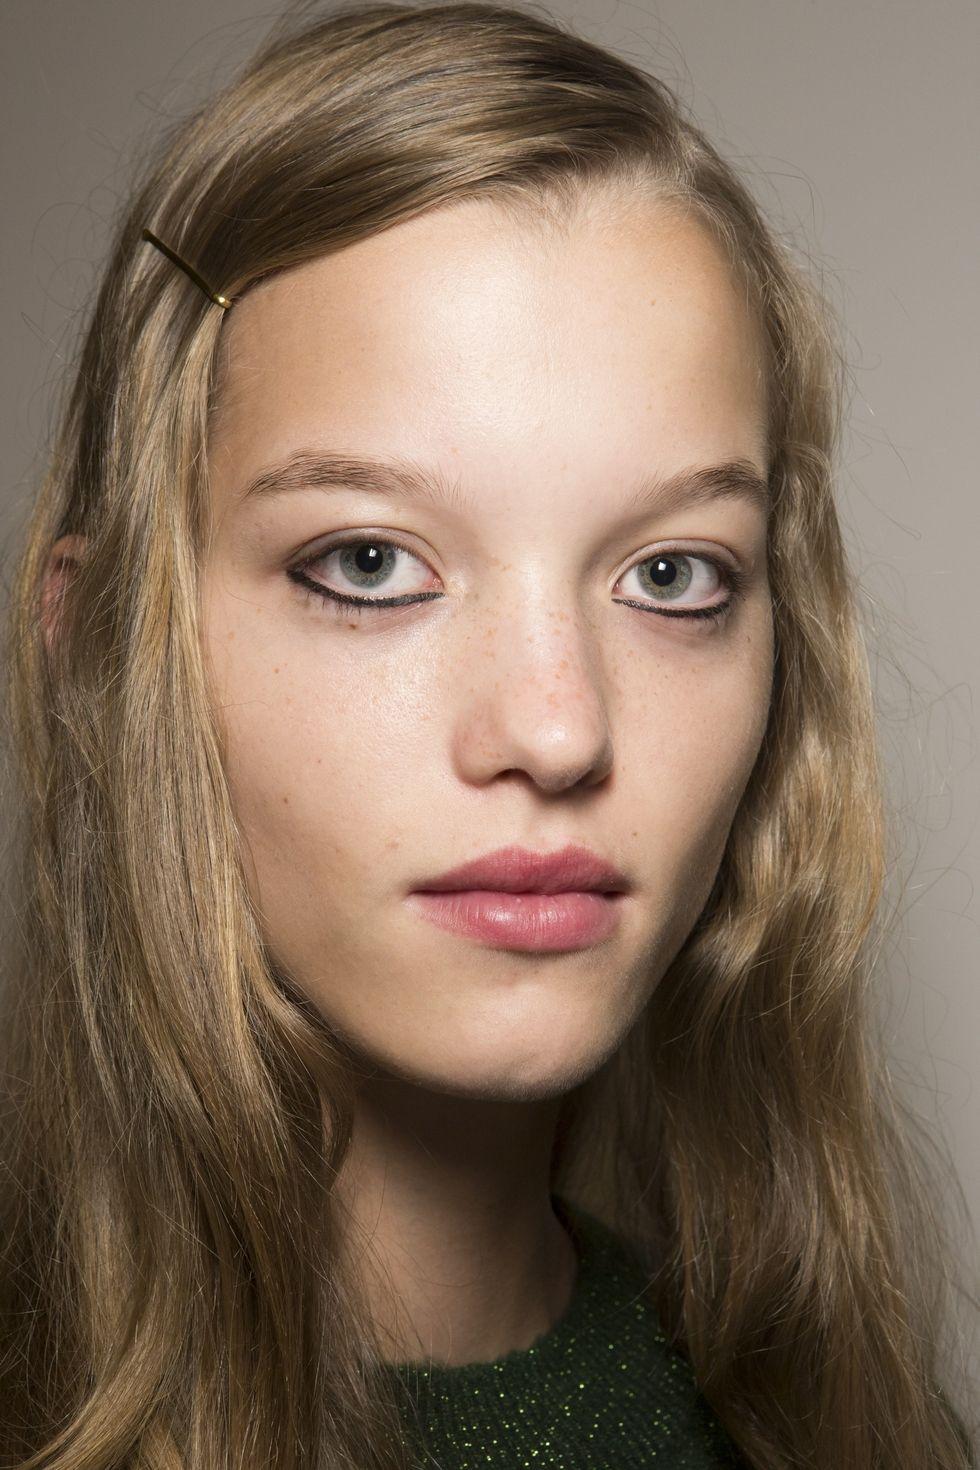 Peinados sencillos con accesorios tendencia 2018, pasadores 3